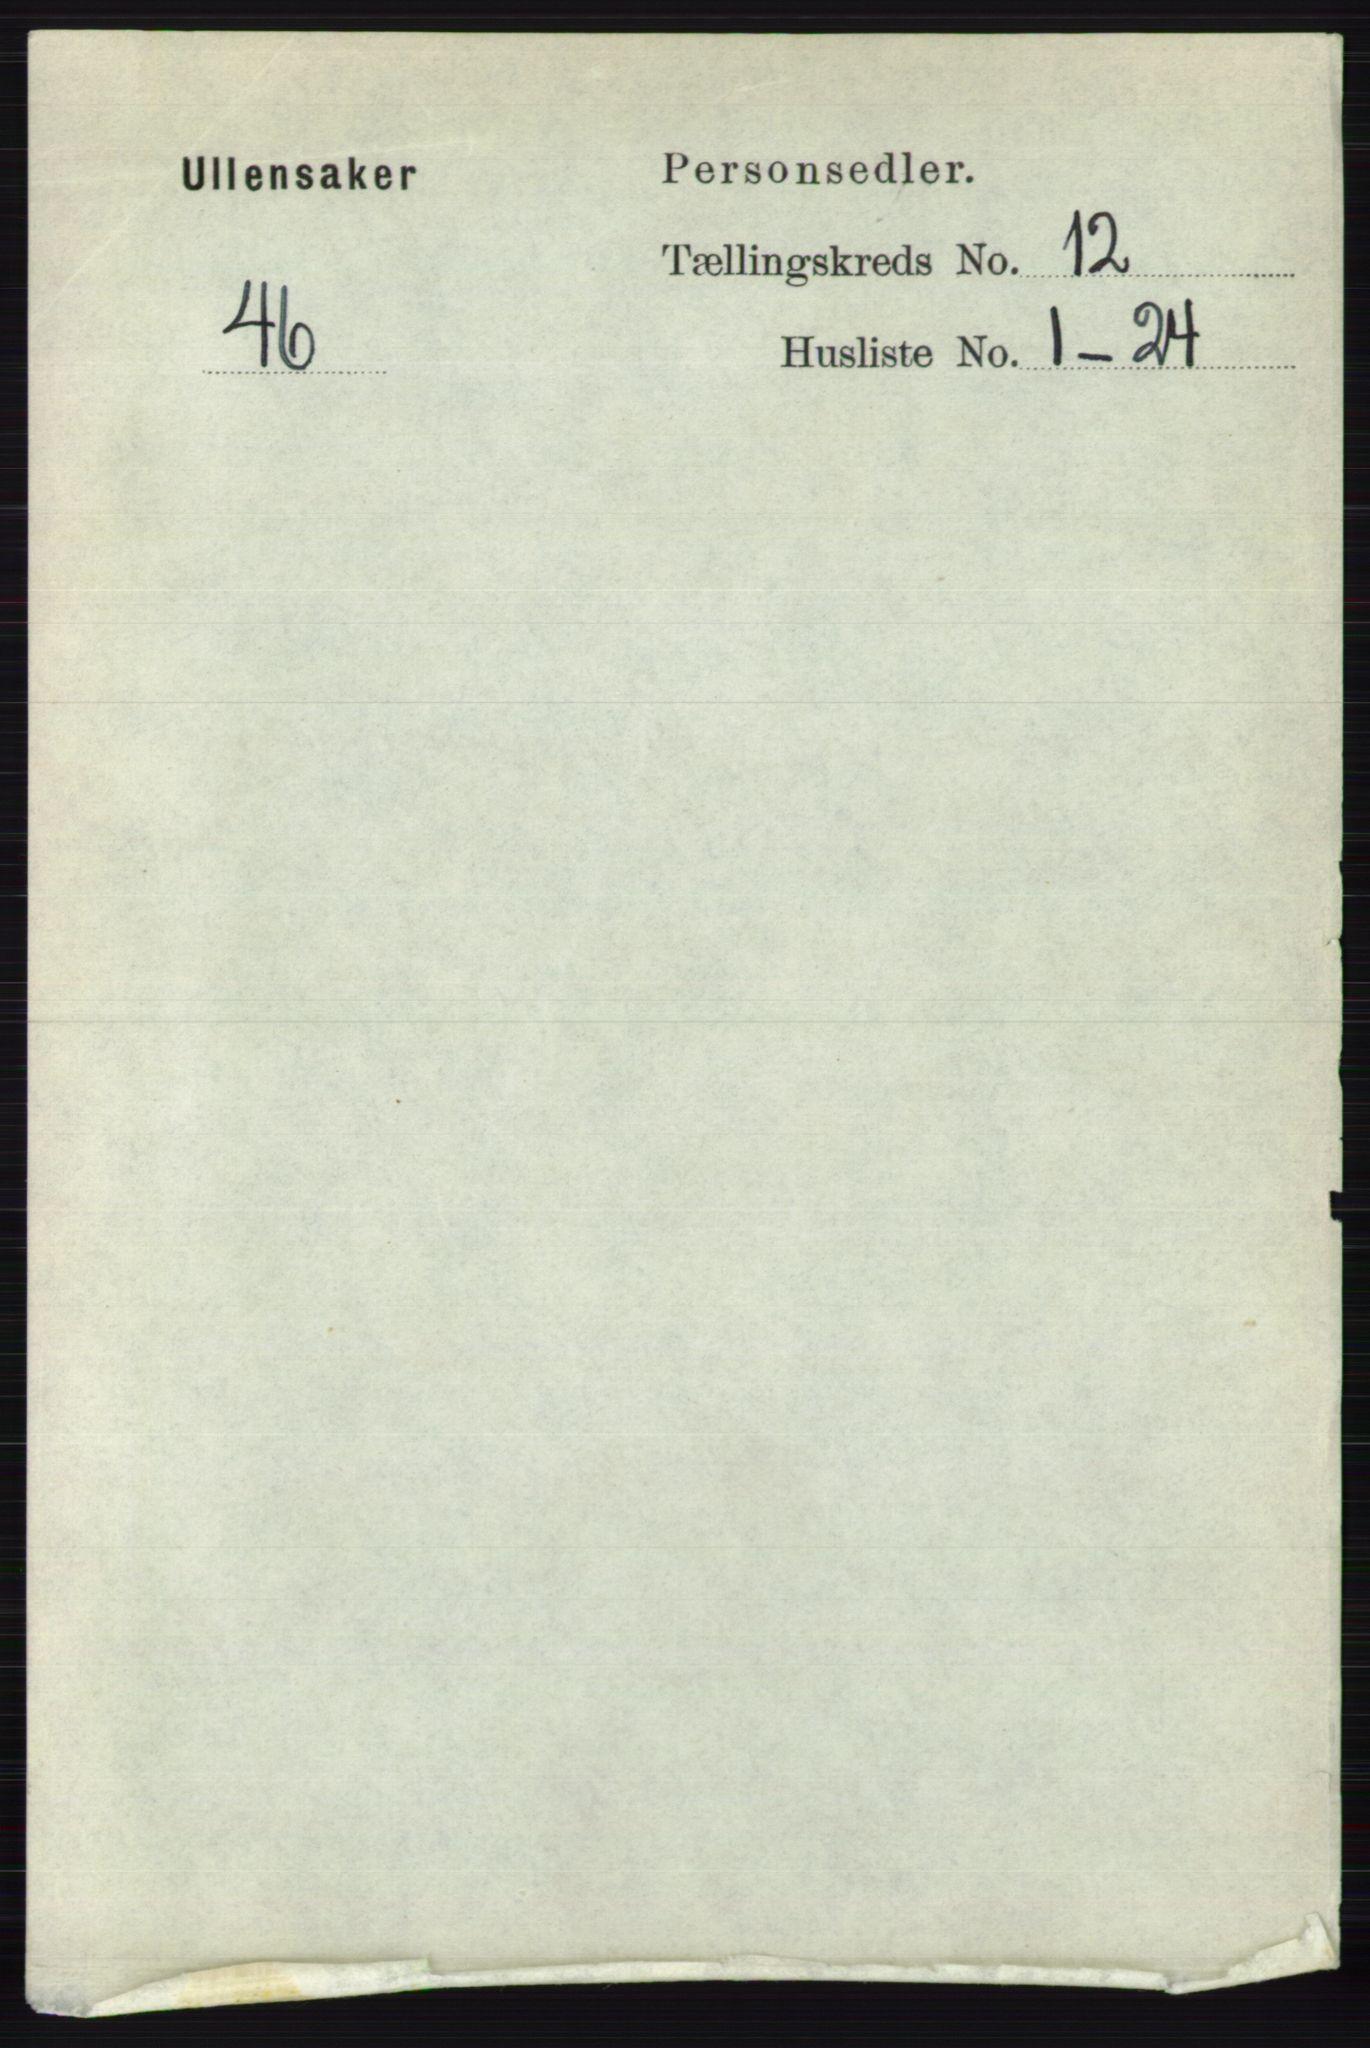 RA, Folketelling 1891 for 0235 Ullensaker herred, 1891, s. 5609